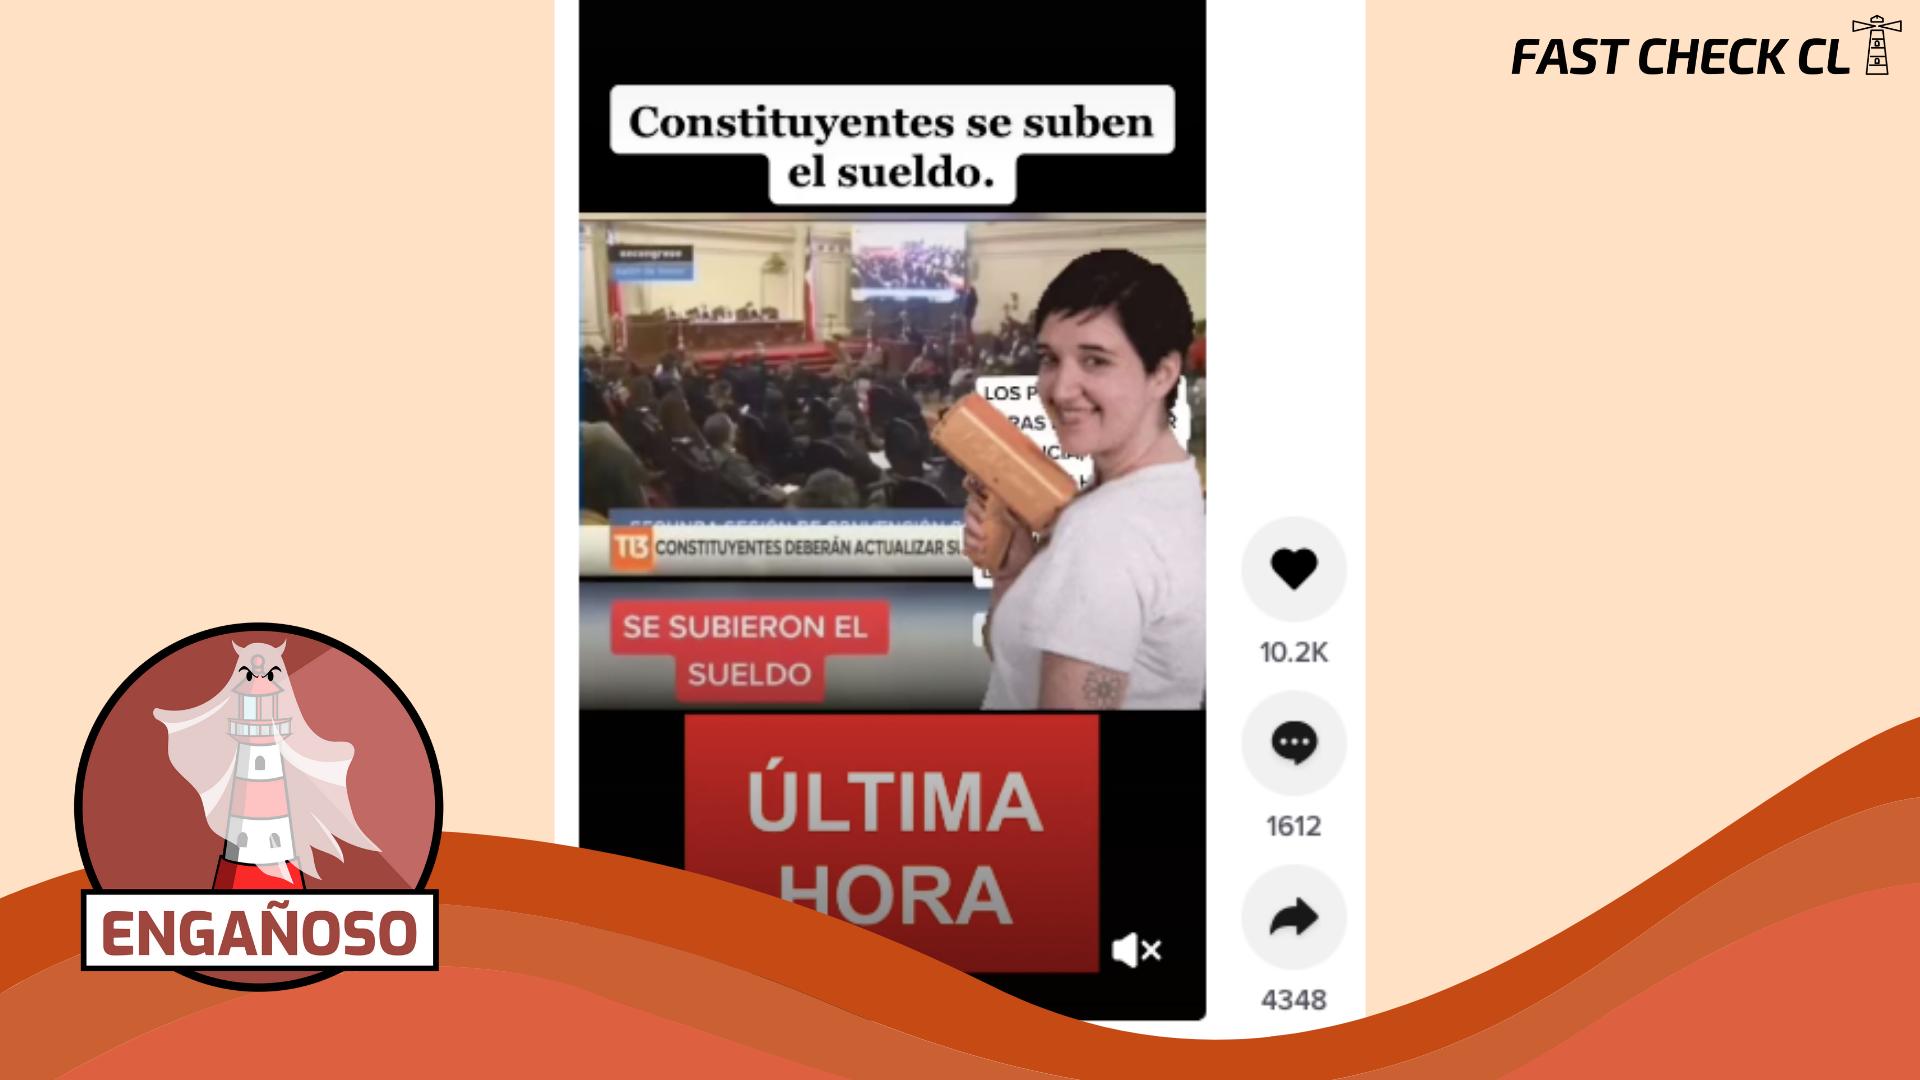 """Read more about the article (Video) """"Última hora: Constituyentes se suben el sueldo"""": #Engañoso"""